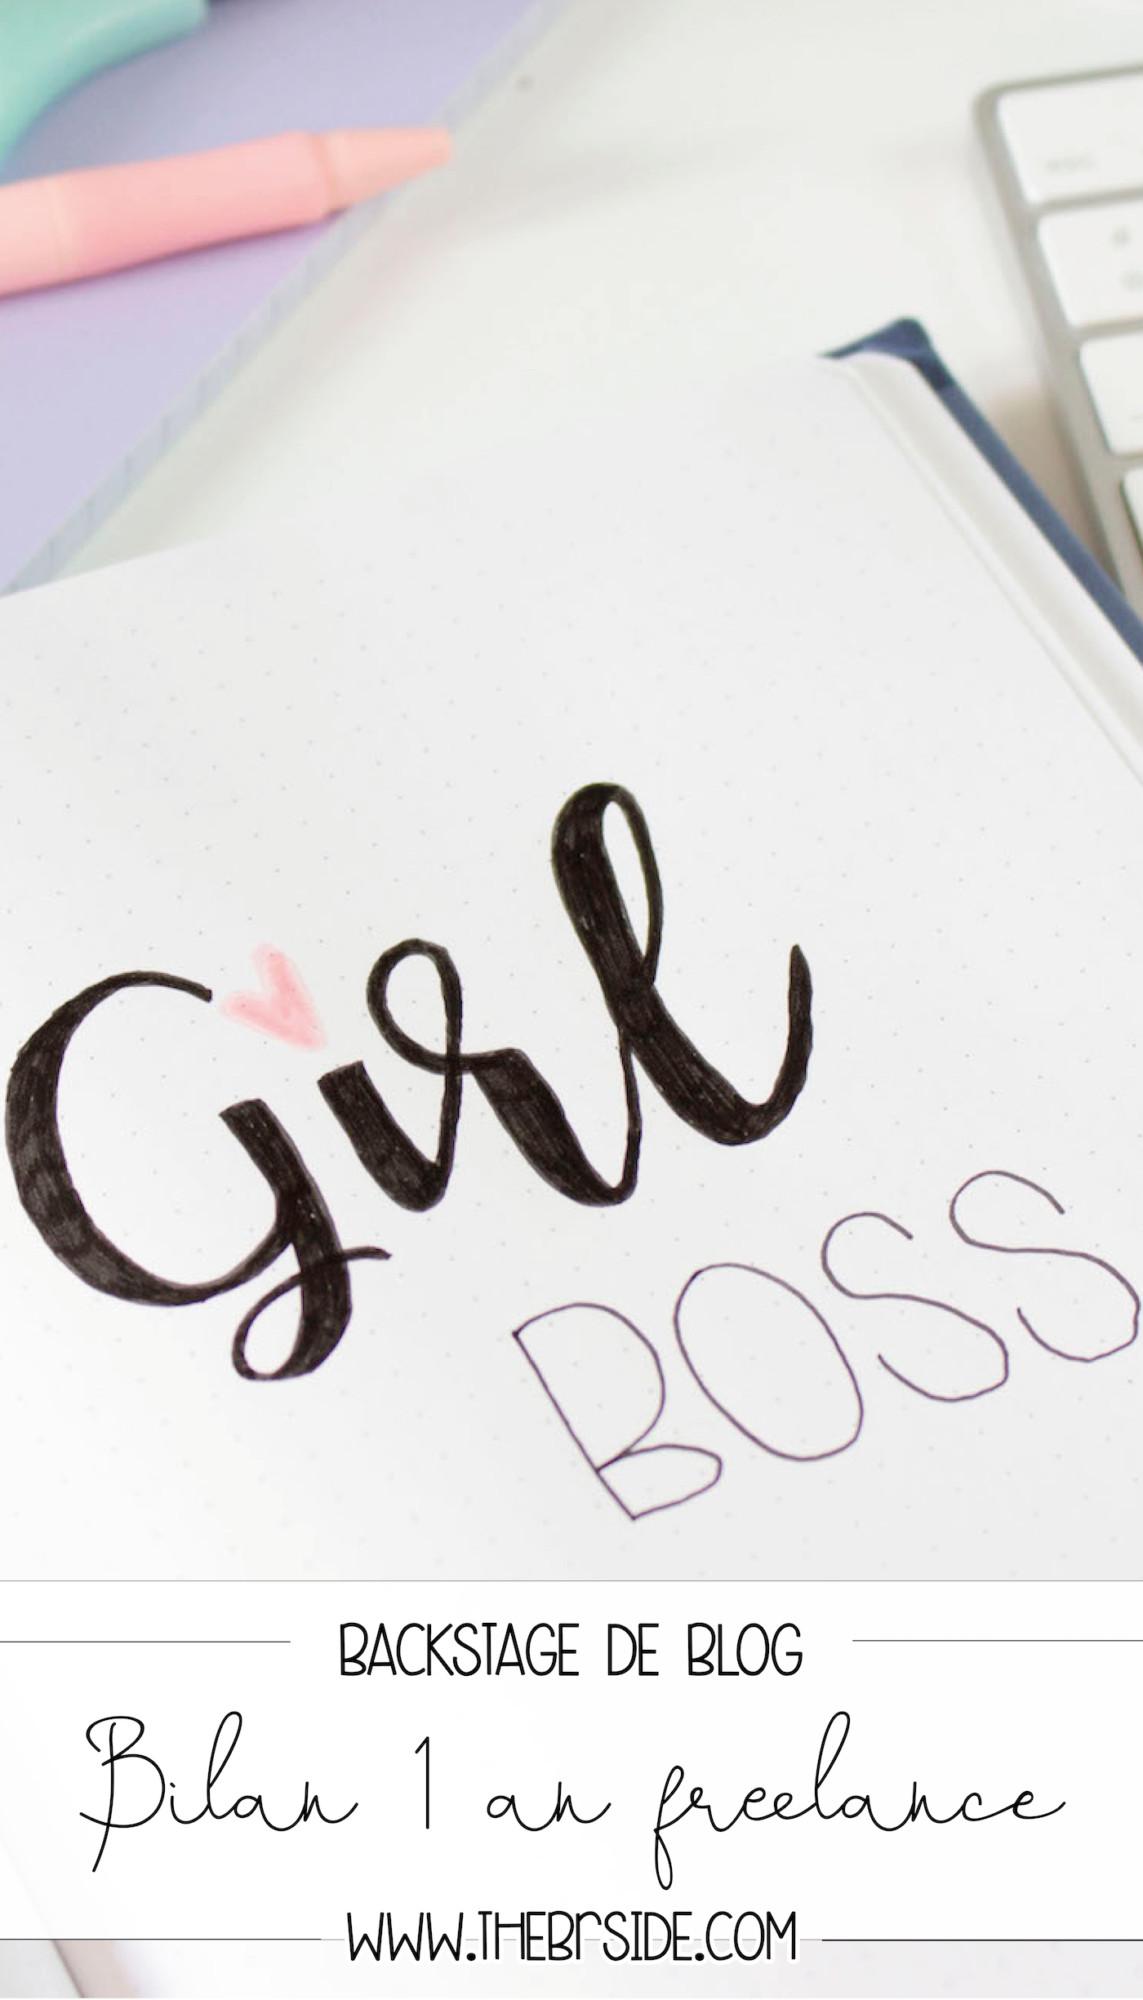 Girl Boss - Freelance